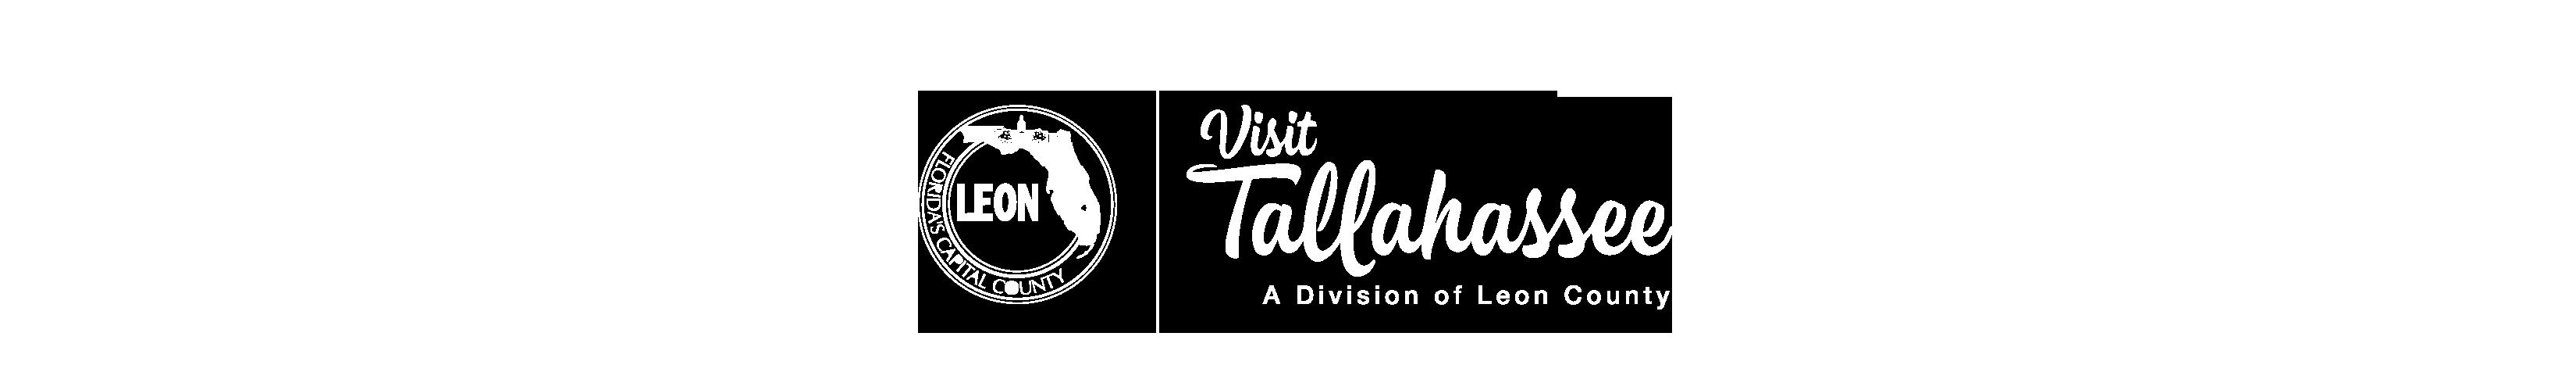 Logos: COCA, Visit Tallahassee, City of Tallahassee